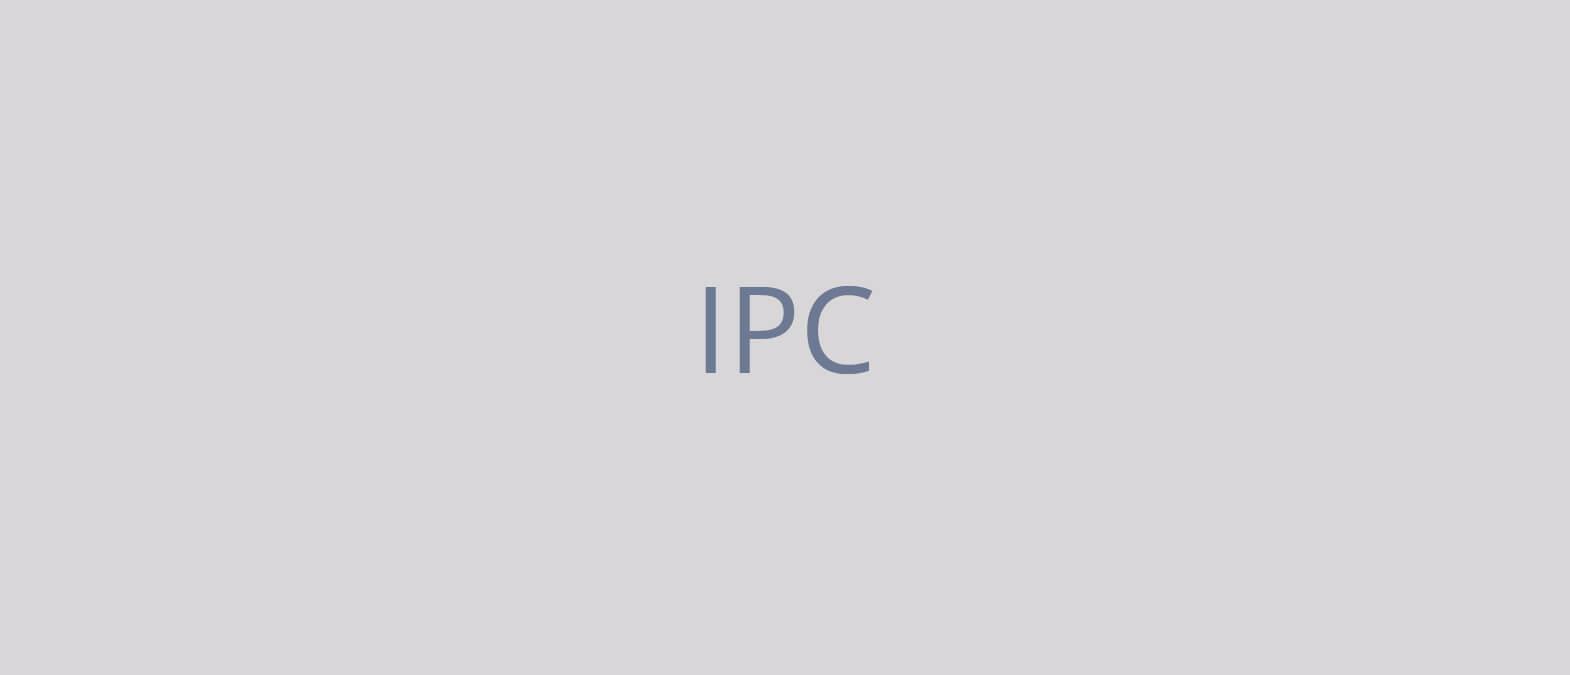 IPC Webinar - NOVI ZAKON o javnim nabavkama / JAVNE NABAVKE u praksi